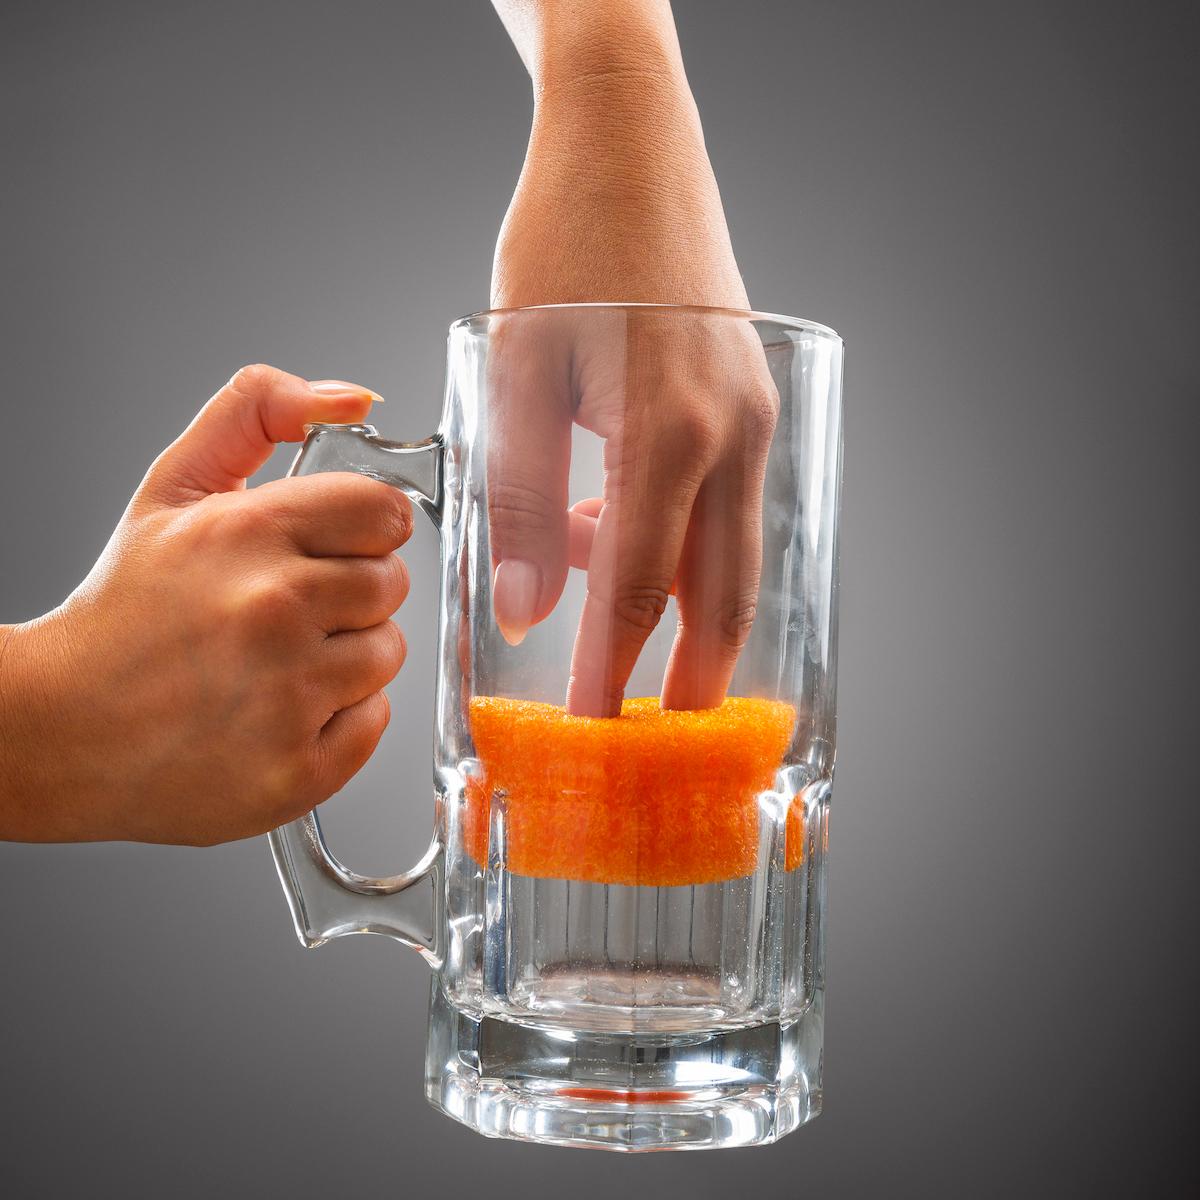 グラスや鍋底に|水切れ・汚れ落ちバツグン!水栓レバーにも掛けられて、収納ホルダー要らずの「洗浄スポンジ」|Scrub Daddy